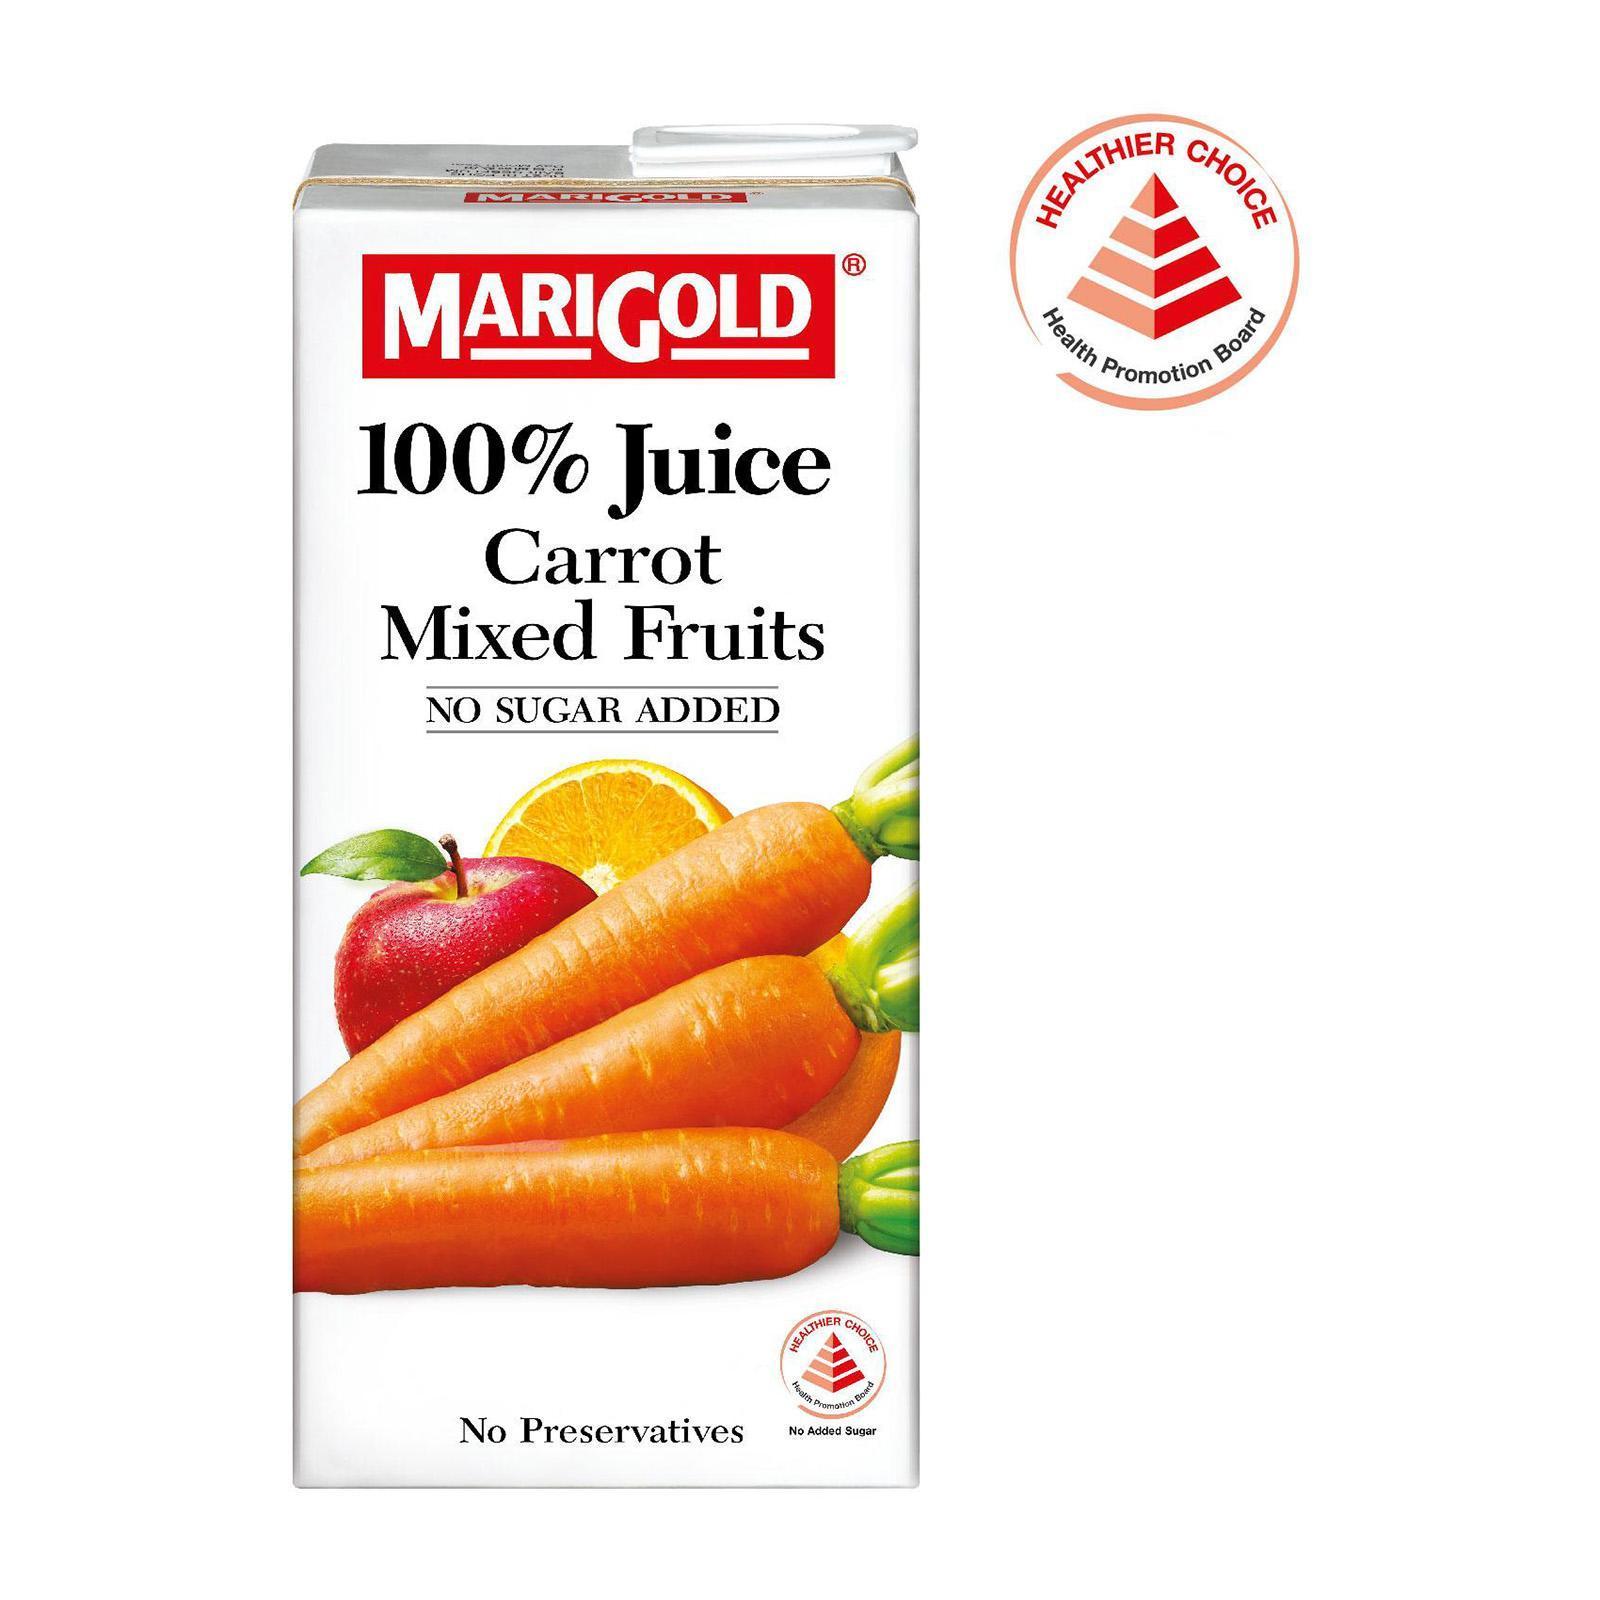 MARIGOLD 100% Carrot Mixed Fruits Juice